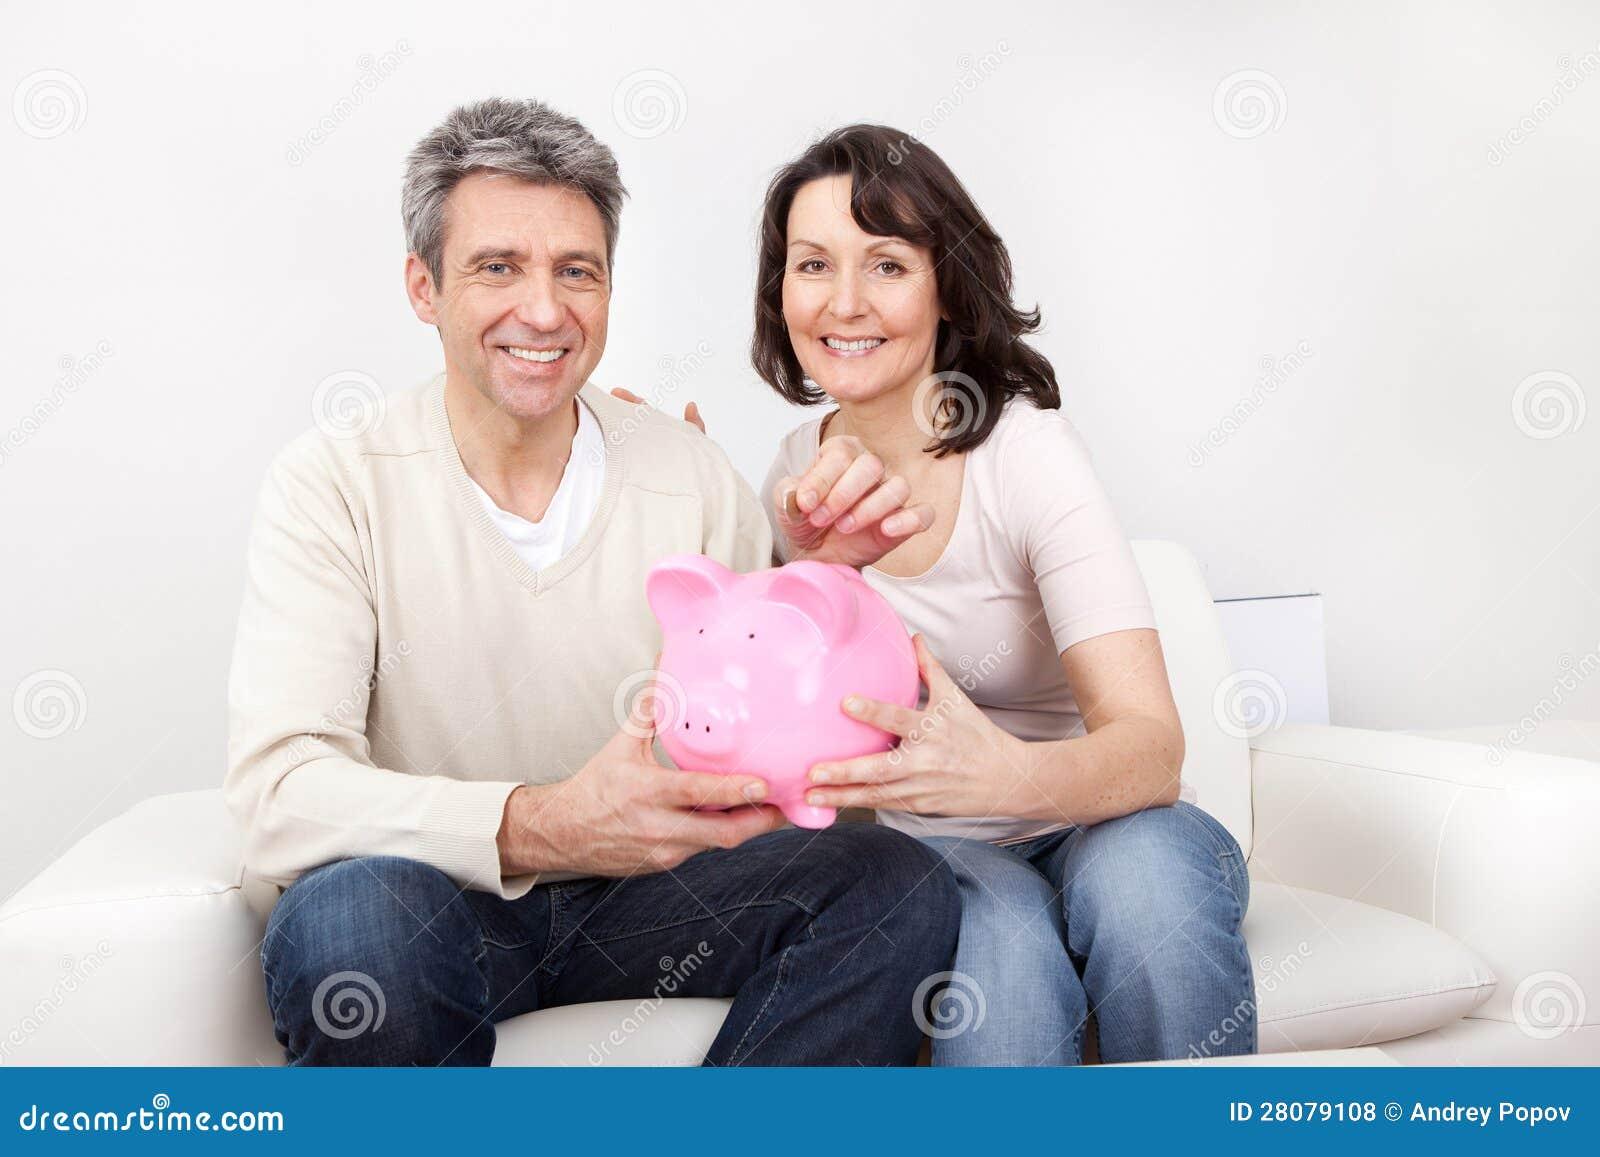 семейная пара познакомится с мужчиной в ростове